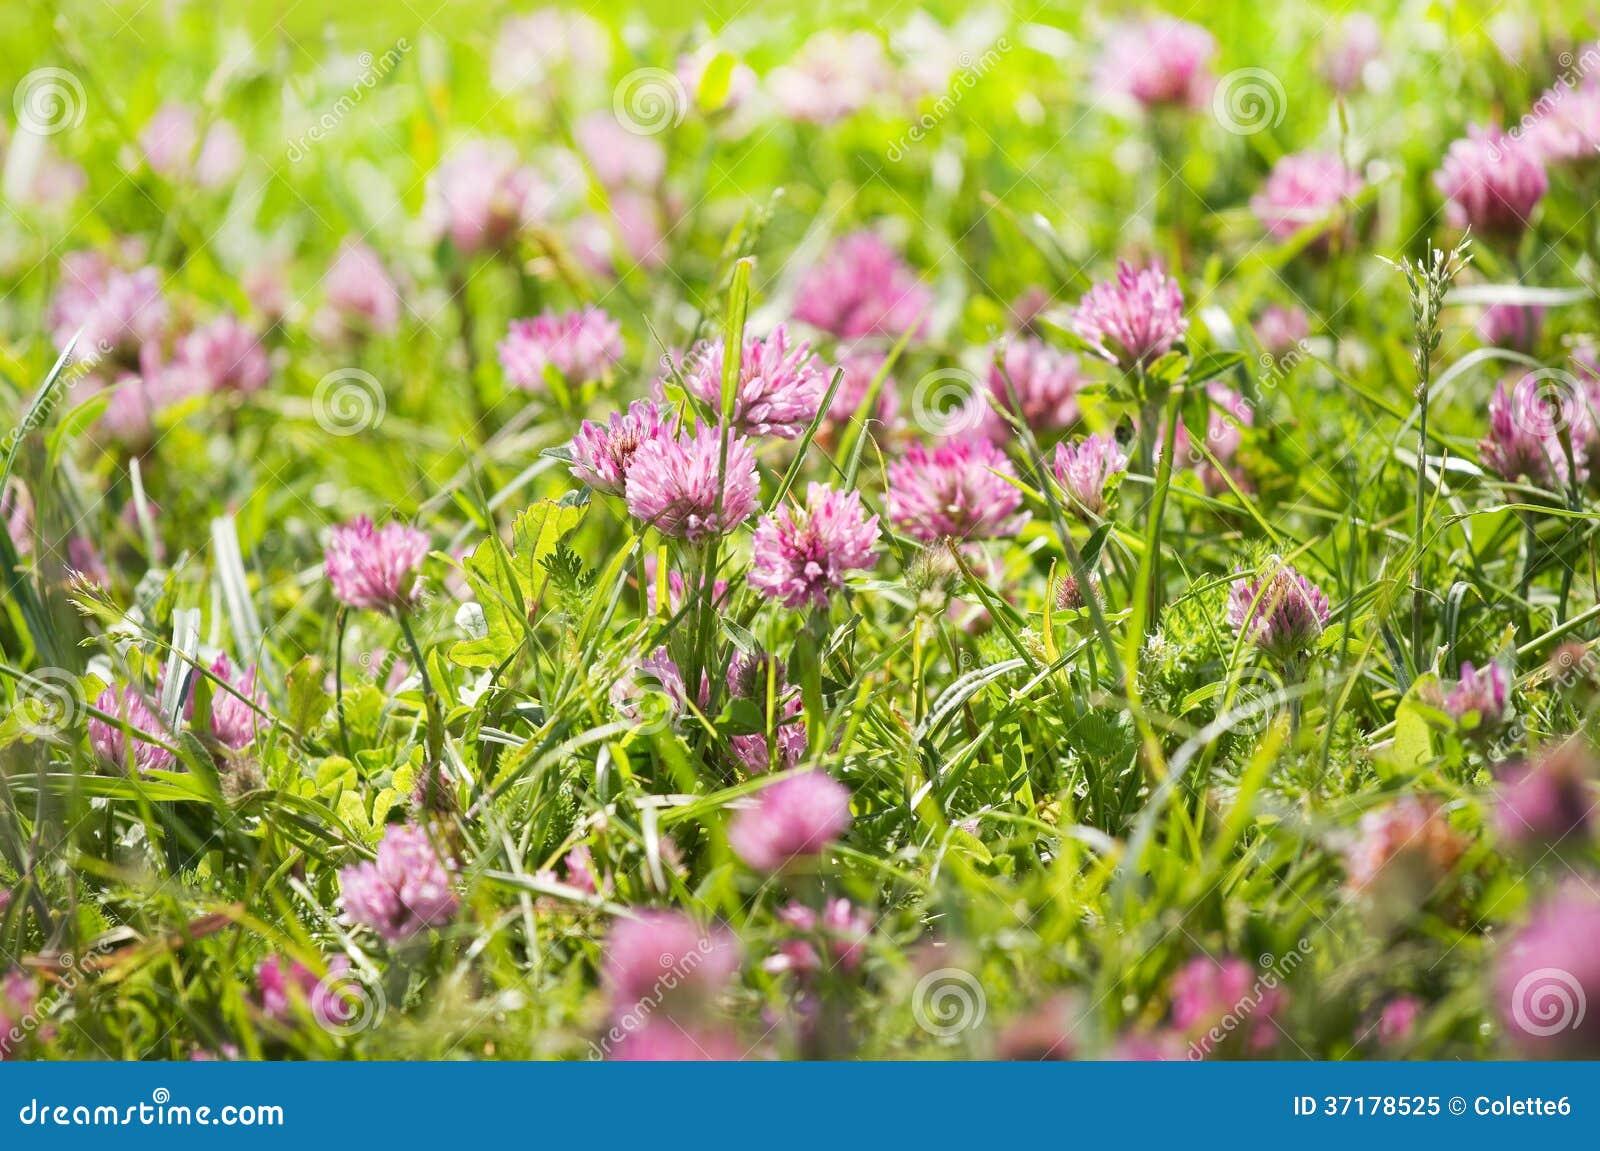 fleurs de tr fle violet sur un champ photo libre de droits. Black Bedroom Furniture Sets. Home Design Ideas